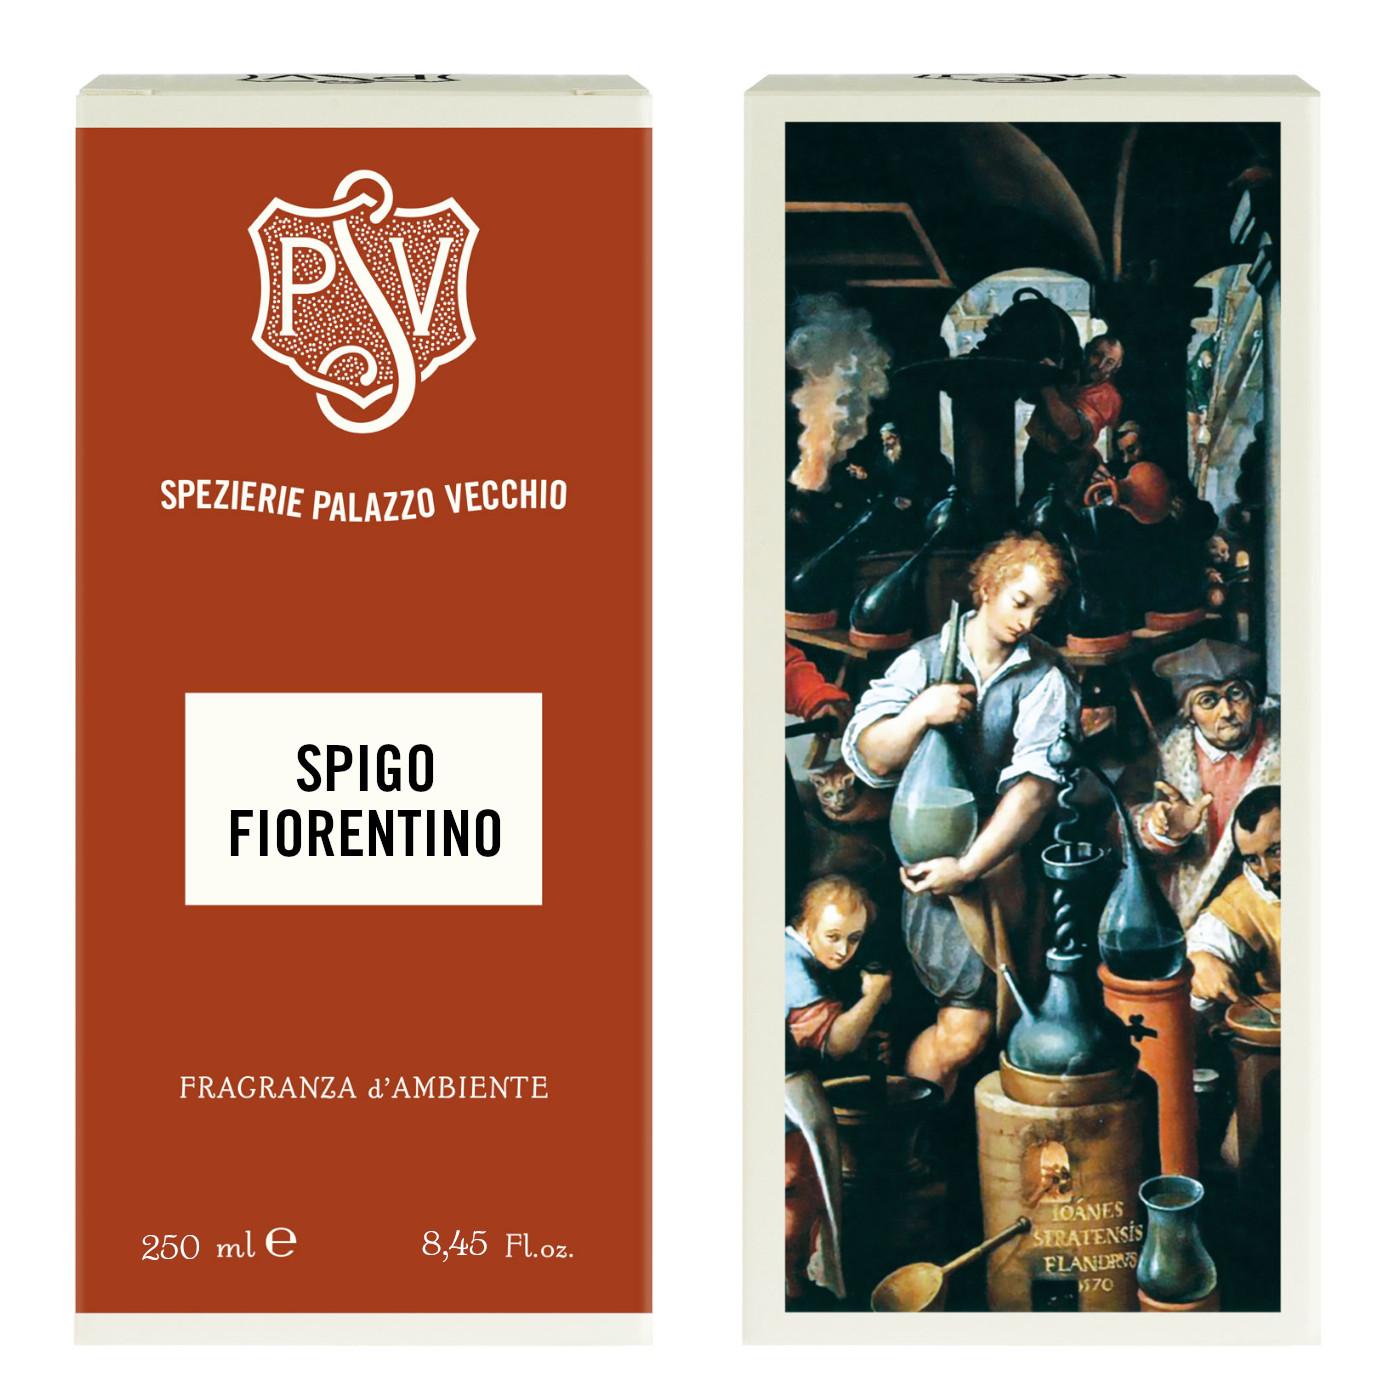 SPIGO FIORENTINO - Fragranza d'Ambiente-4495